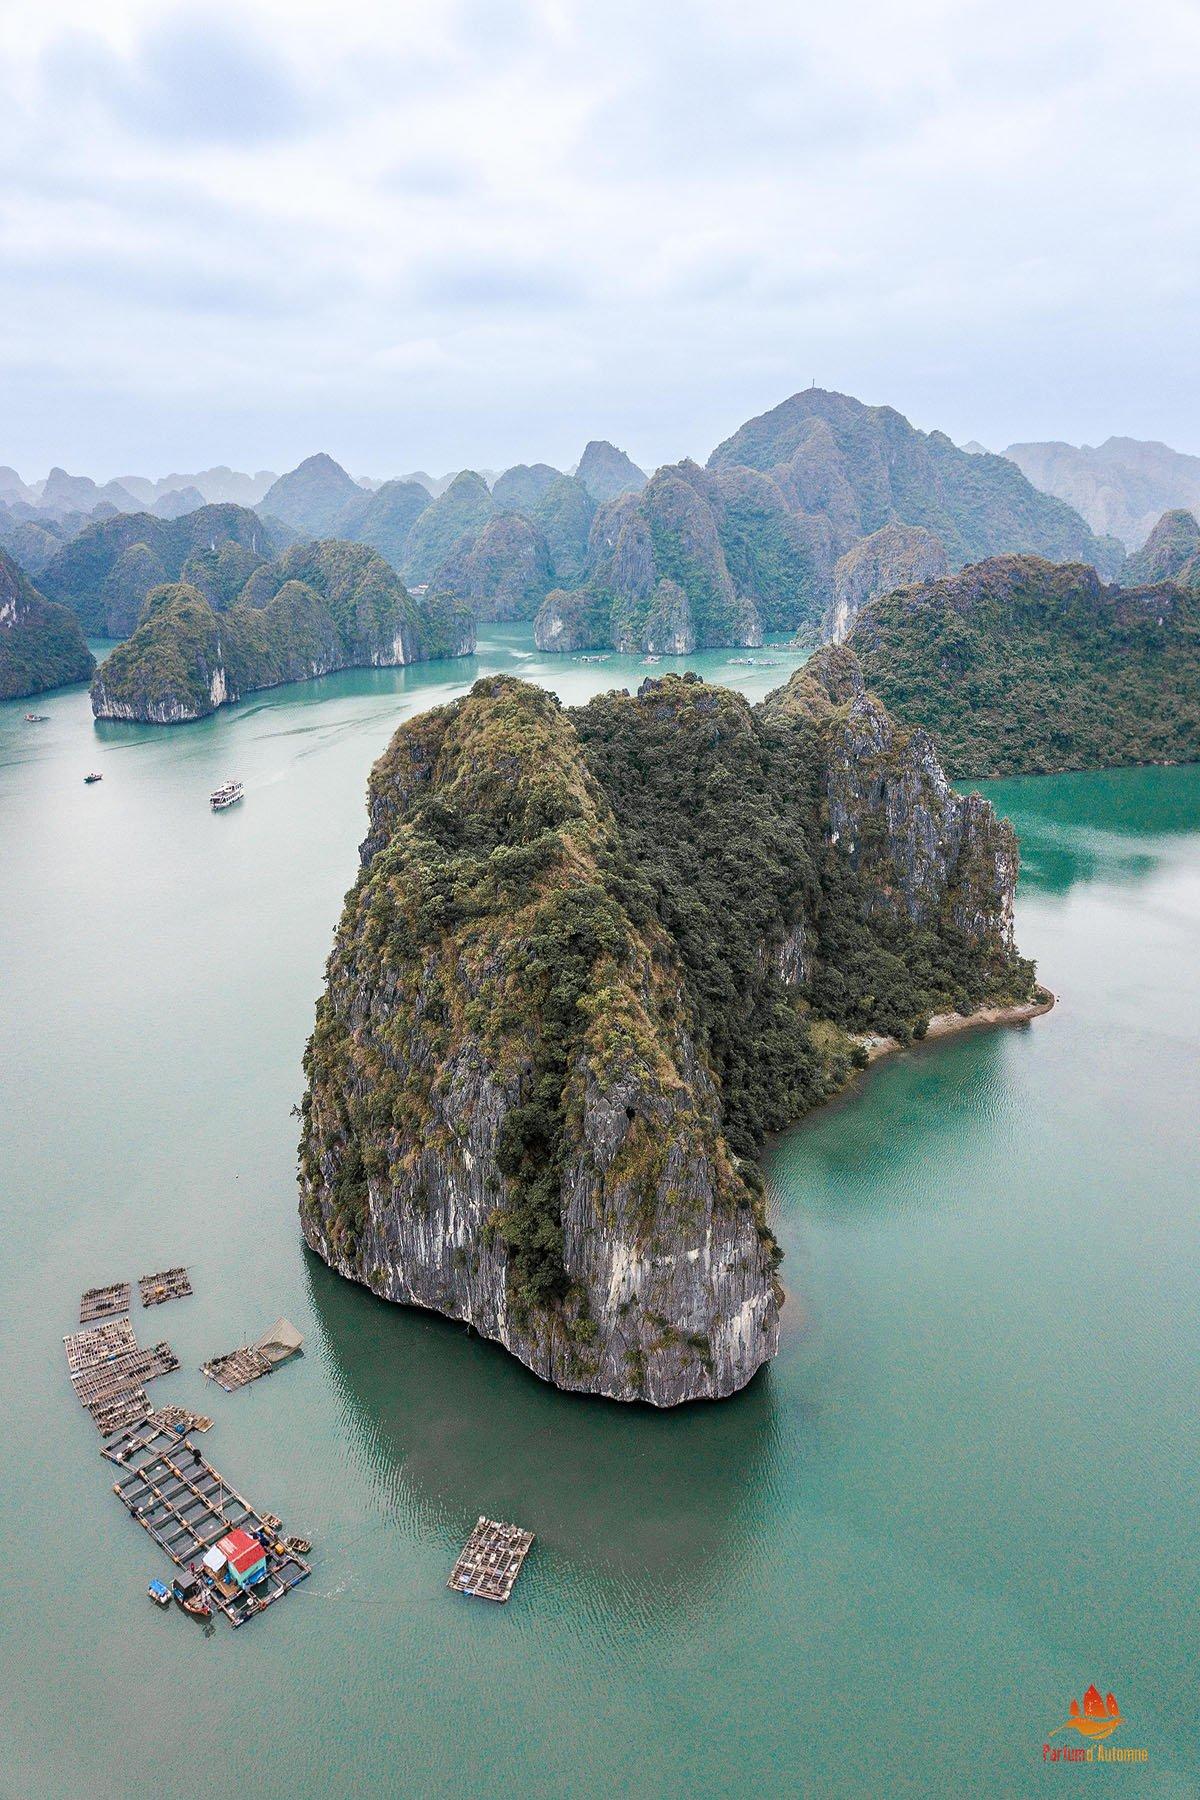 Pitons karstiques vu du ciel, Baie de Lan Ha, Baie d'Halong, Vietnam